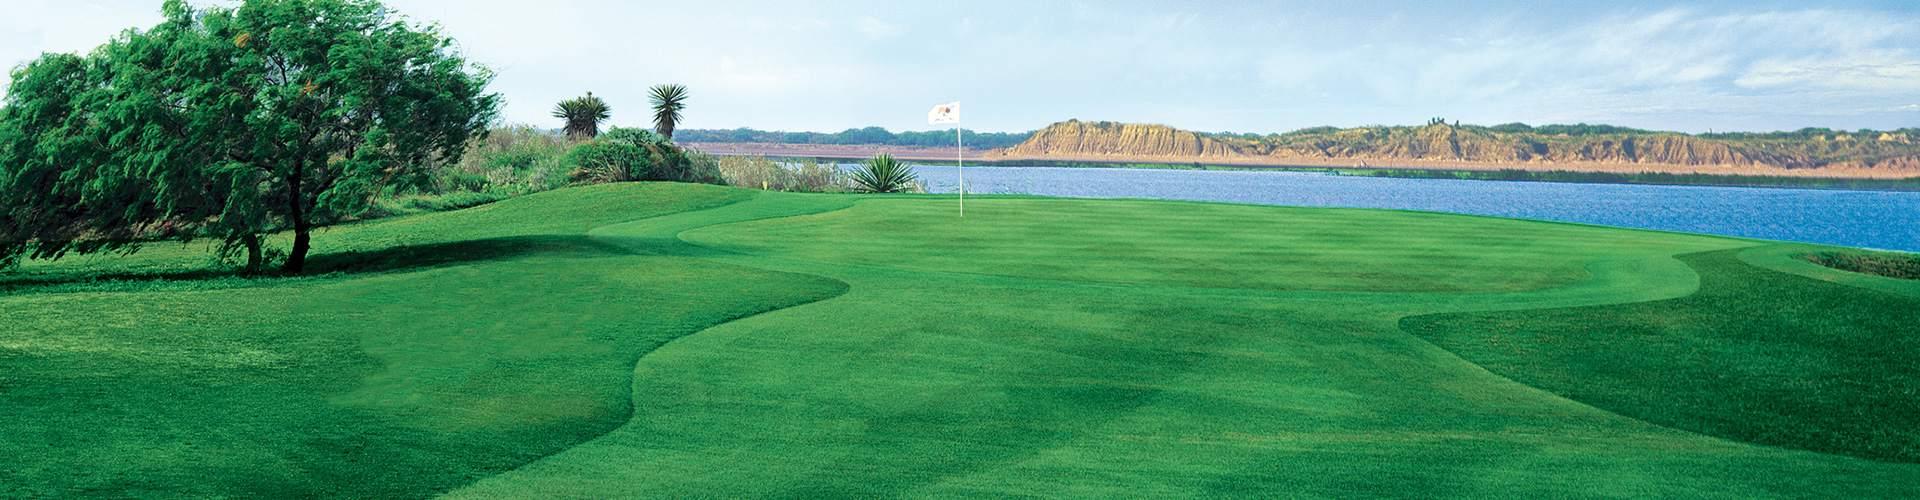 Club de golf South Padre Island